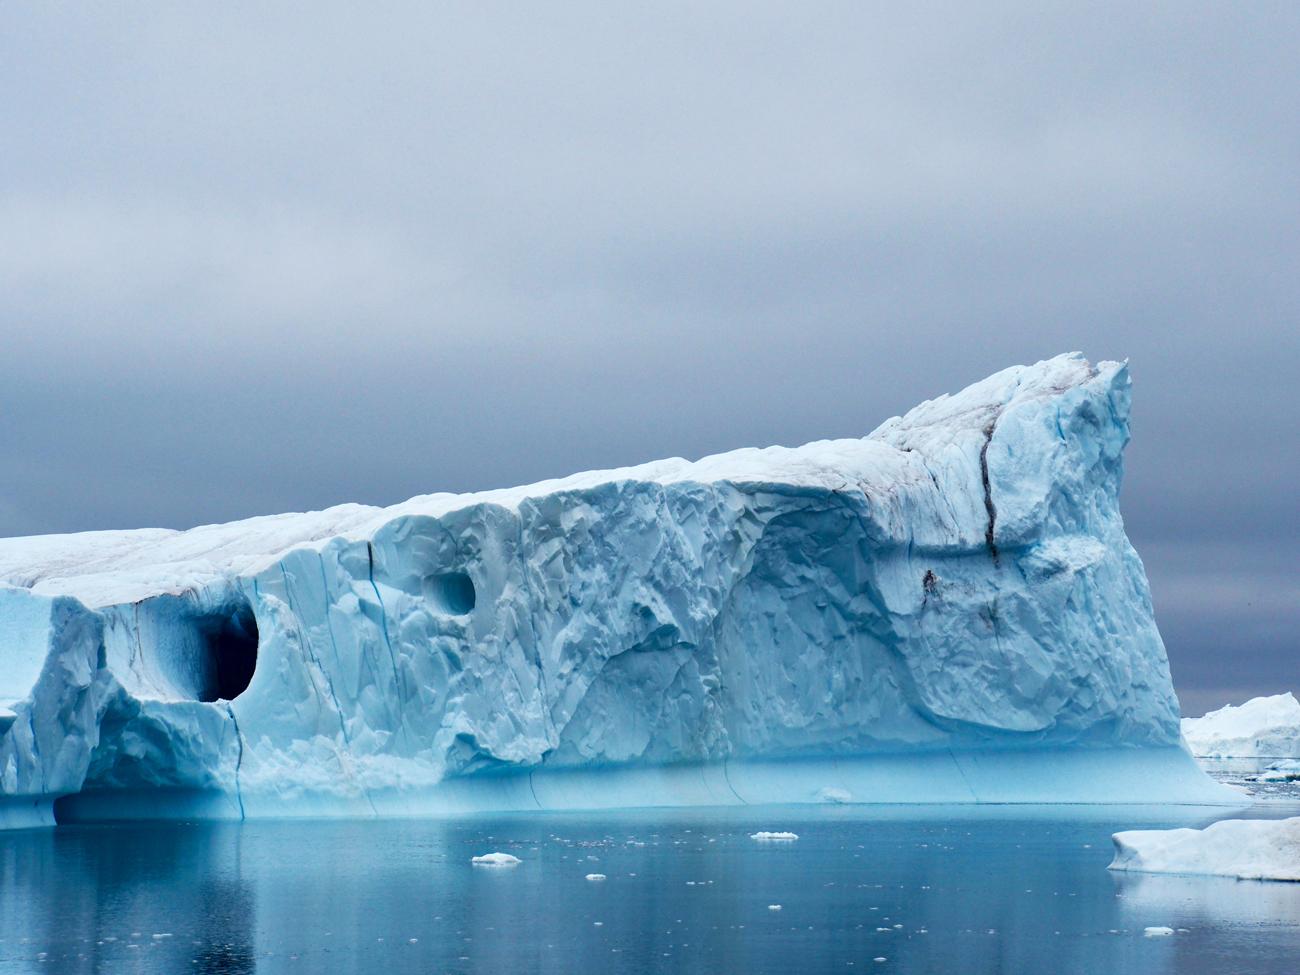 ❄️ Climate Crisis Font: дизайнери винайшли шрифт, товщина якого залежить від глобального потепління